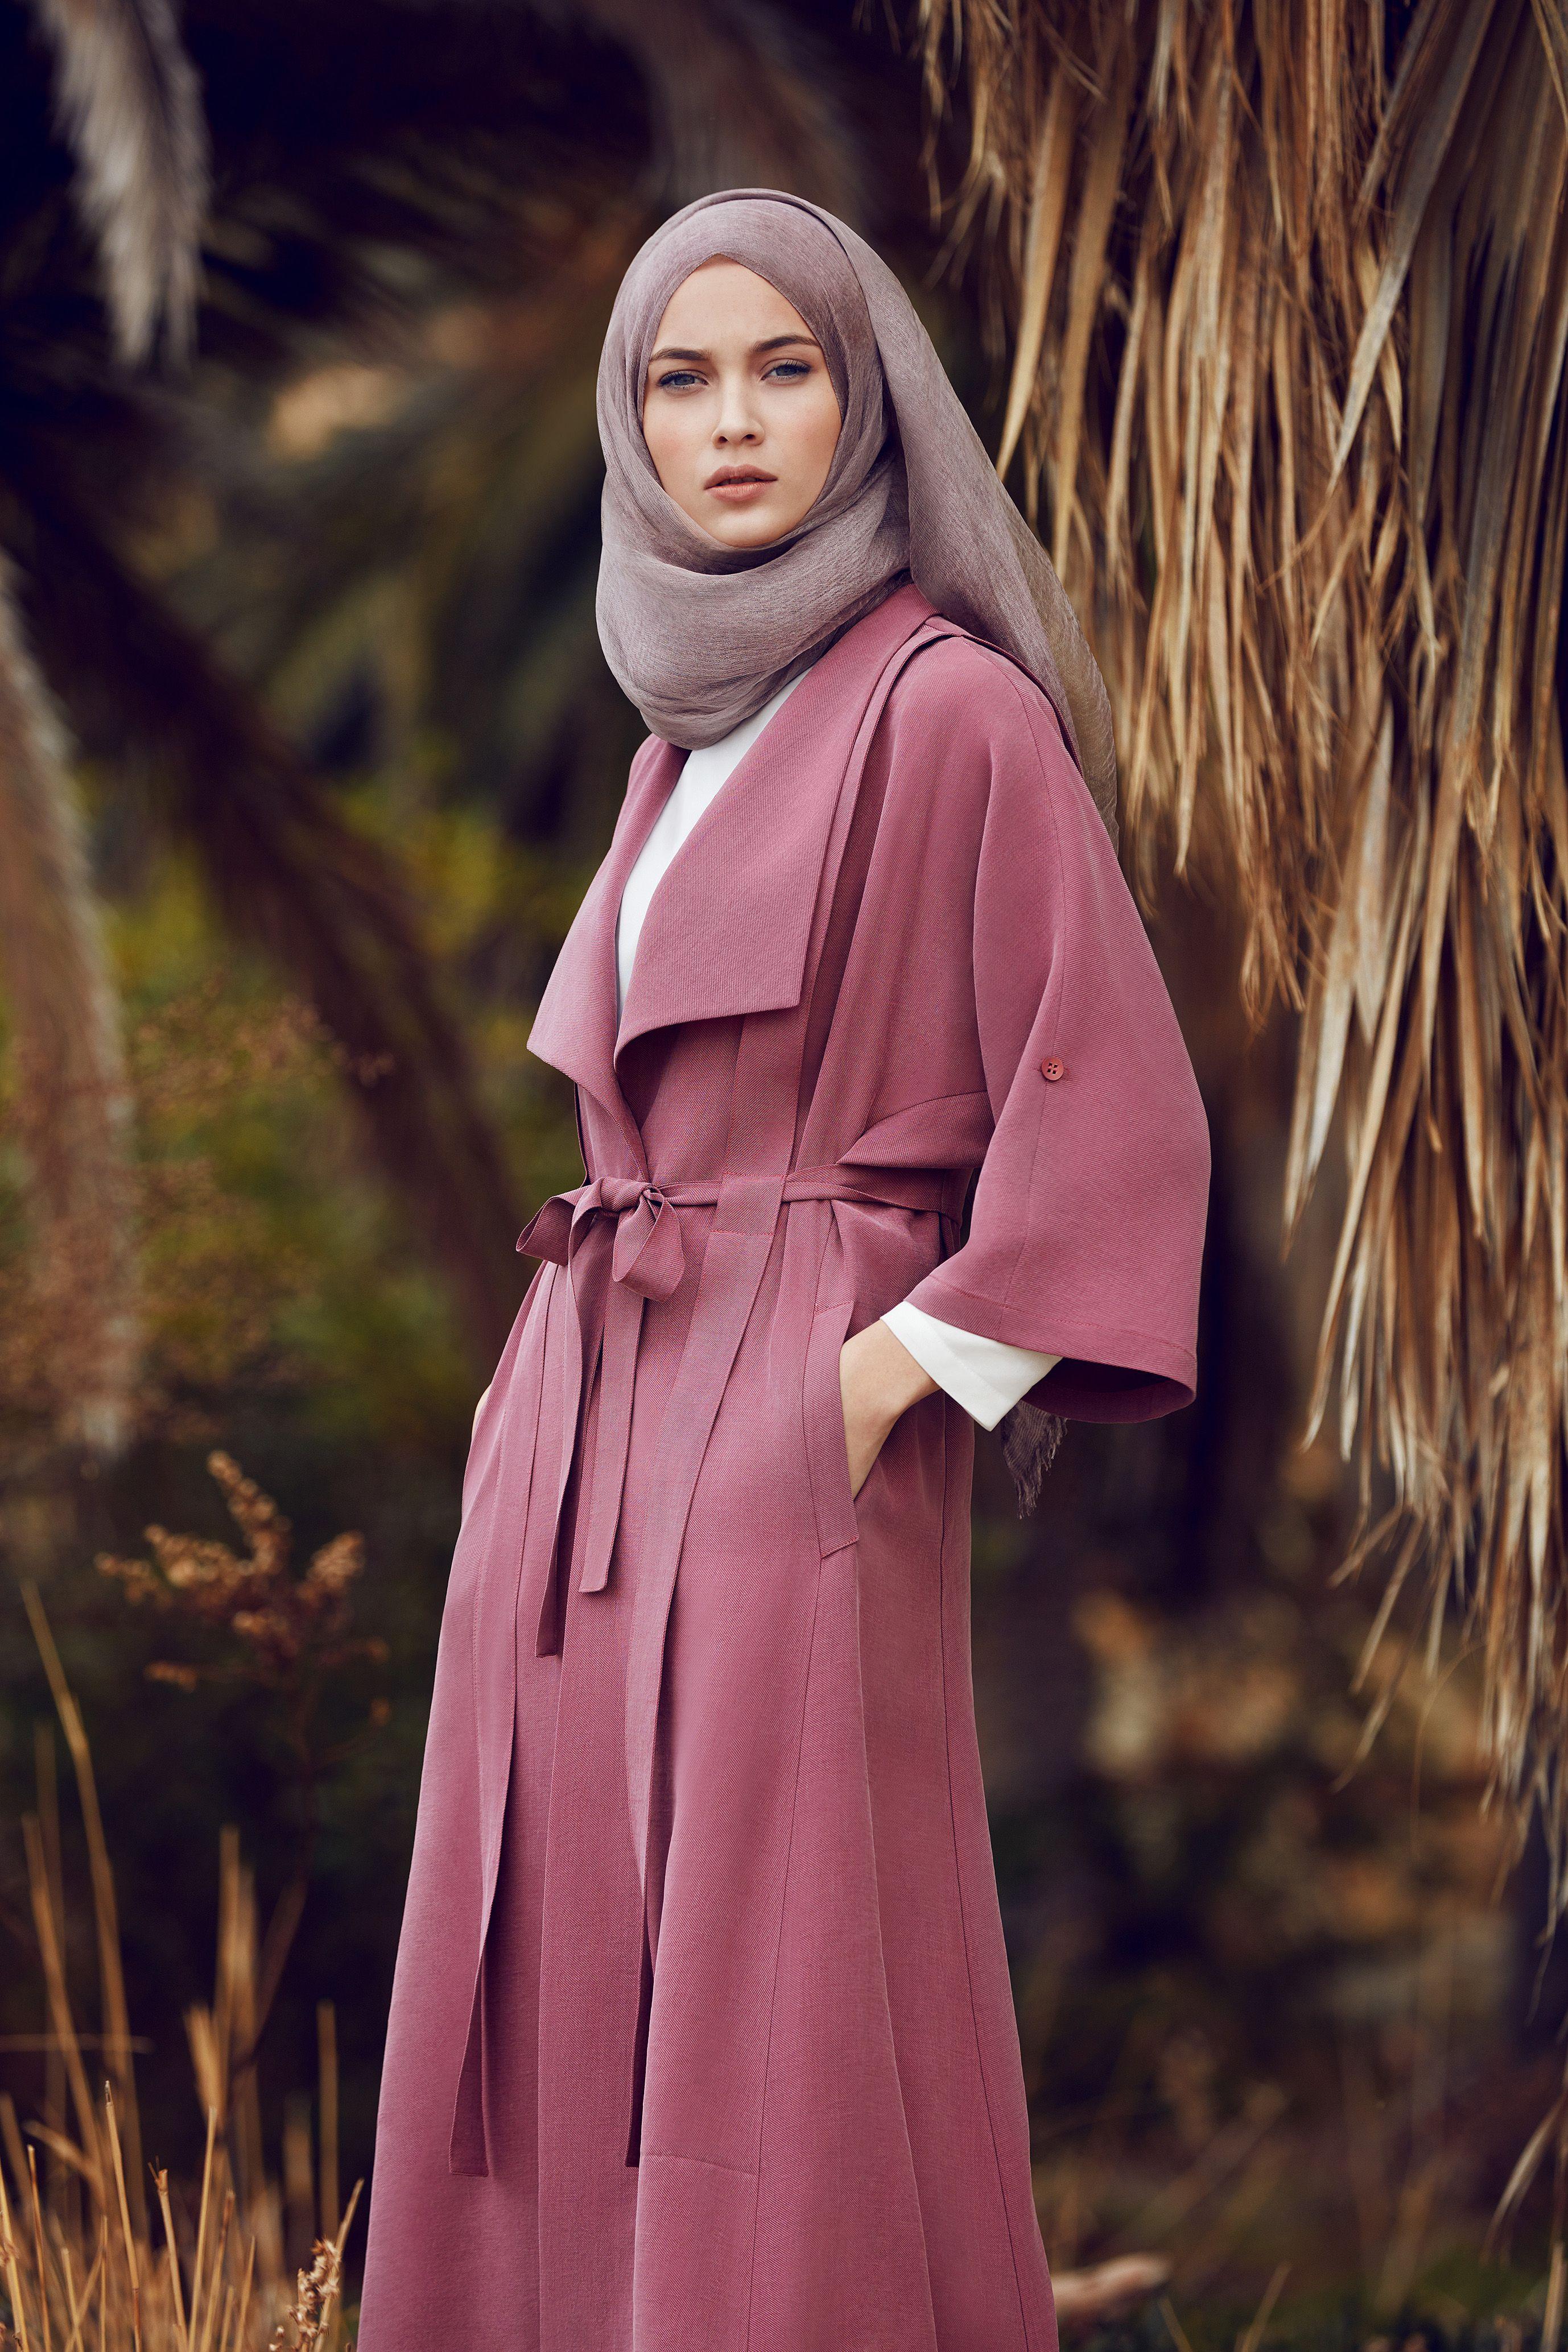 Tugba Venn Giyim Tesettur Giyim Kap Pardesu Ss17 Ilkbahar Yaz Yenisezon Trend Moda Sal Esarp Tunik Etek Panto Moda Stilleri Islami Moda Giyim